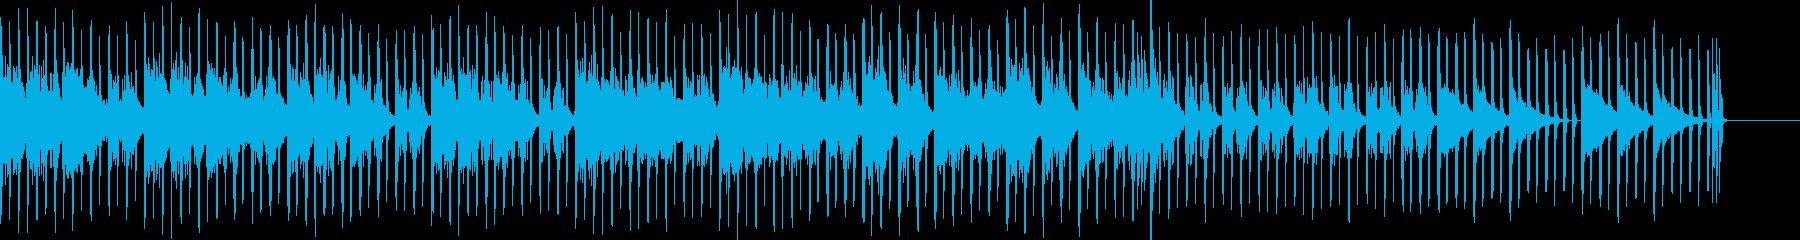 幻想的で特徴的なエレクトロ音が入った曲の再生済みの波形